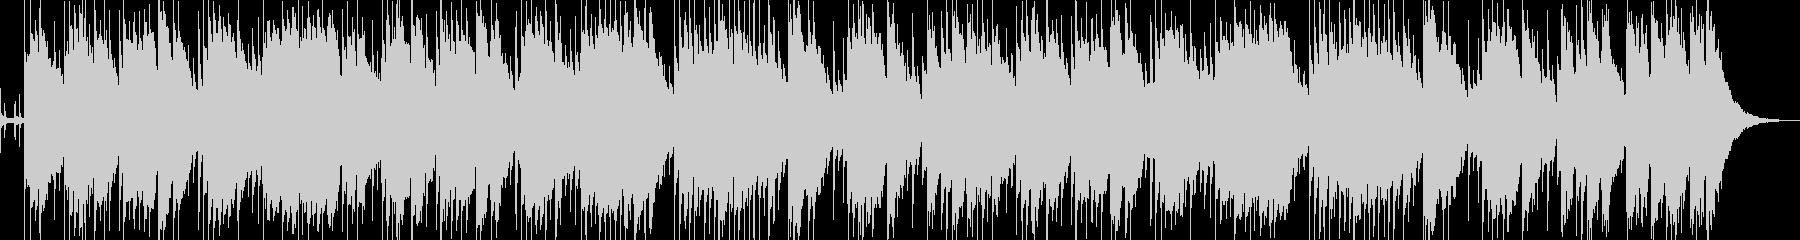 ゆったりとしたアコギのバラードの未再生の波形